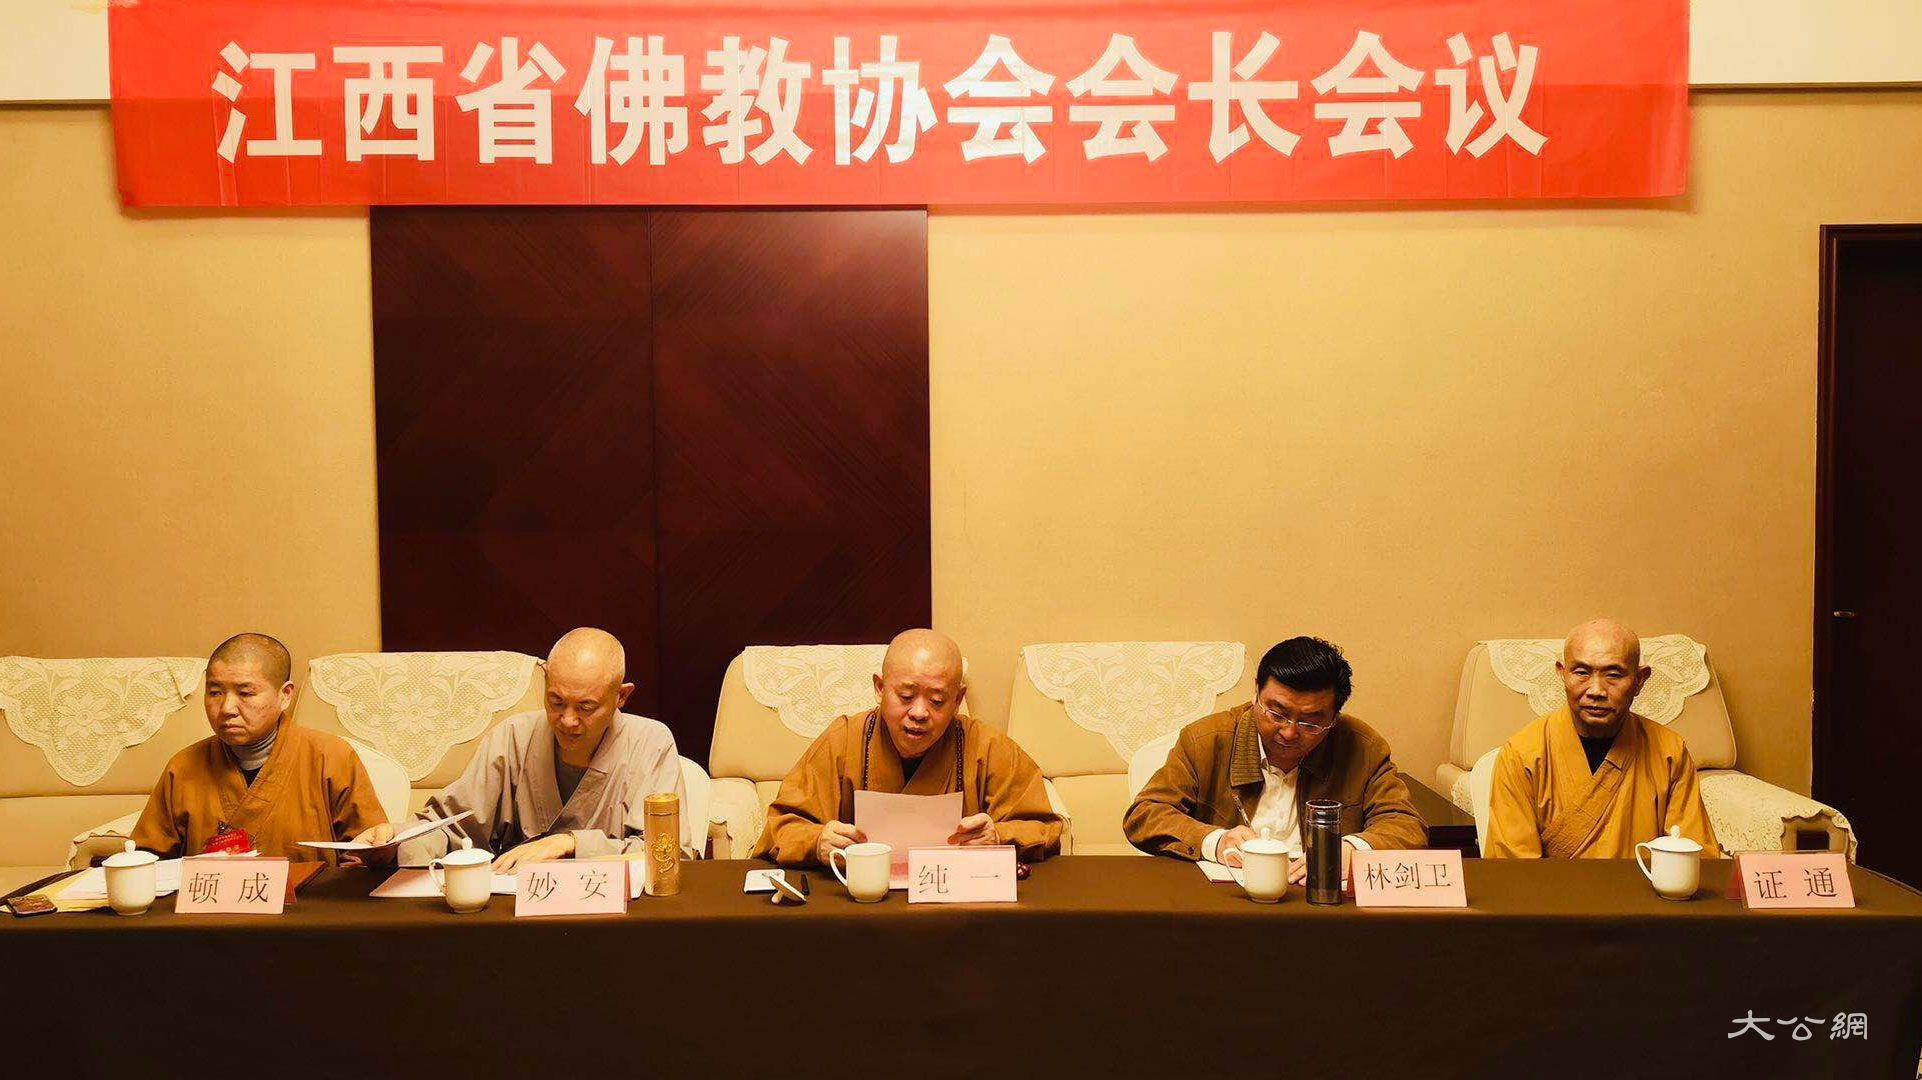 江西省佛協召開會長會議 制定堅持佛教中國化方向五年規劃